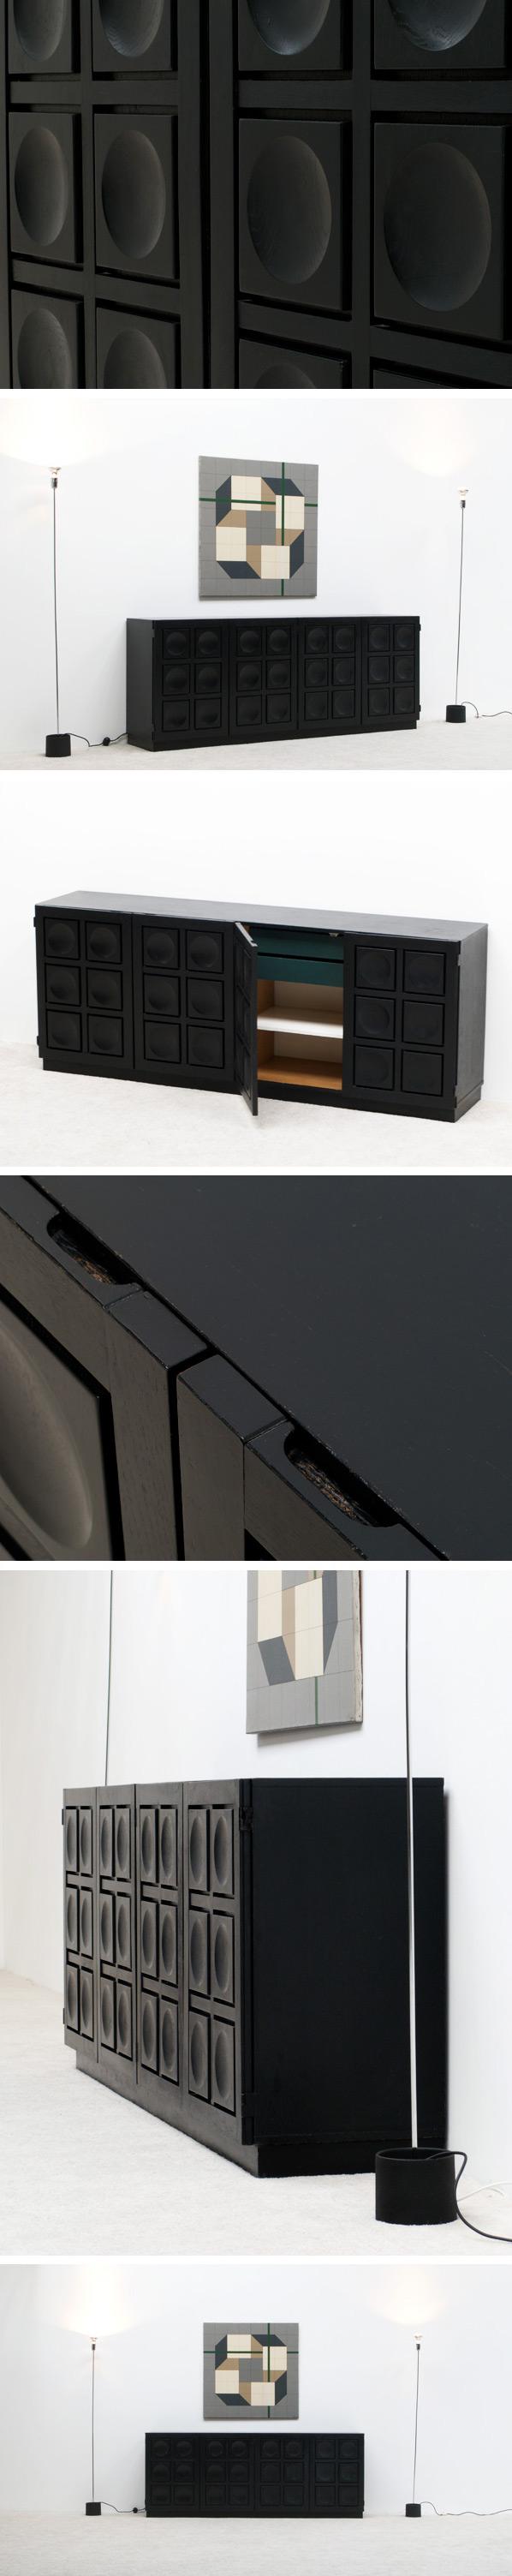 Black ebonized graphic modern sideboard Belgium made Large